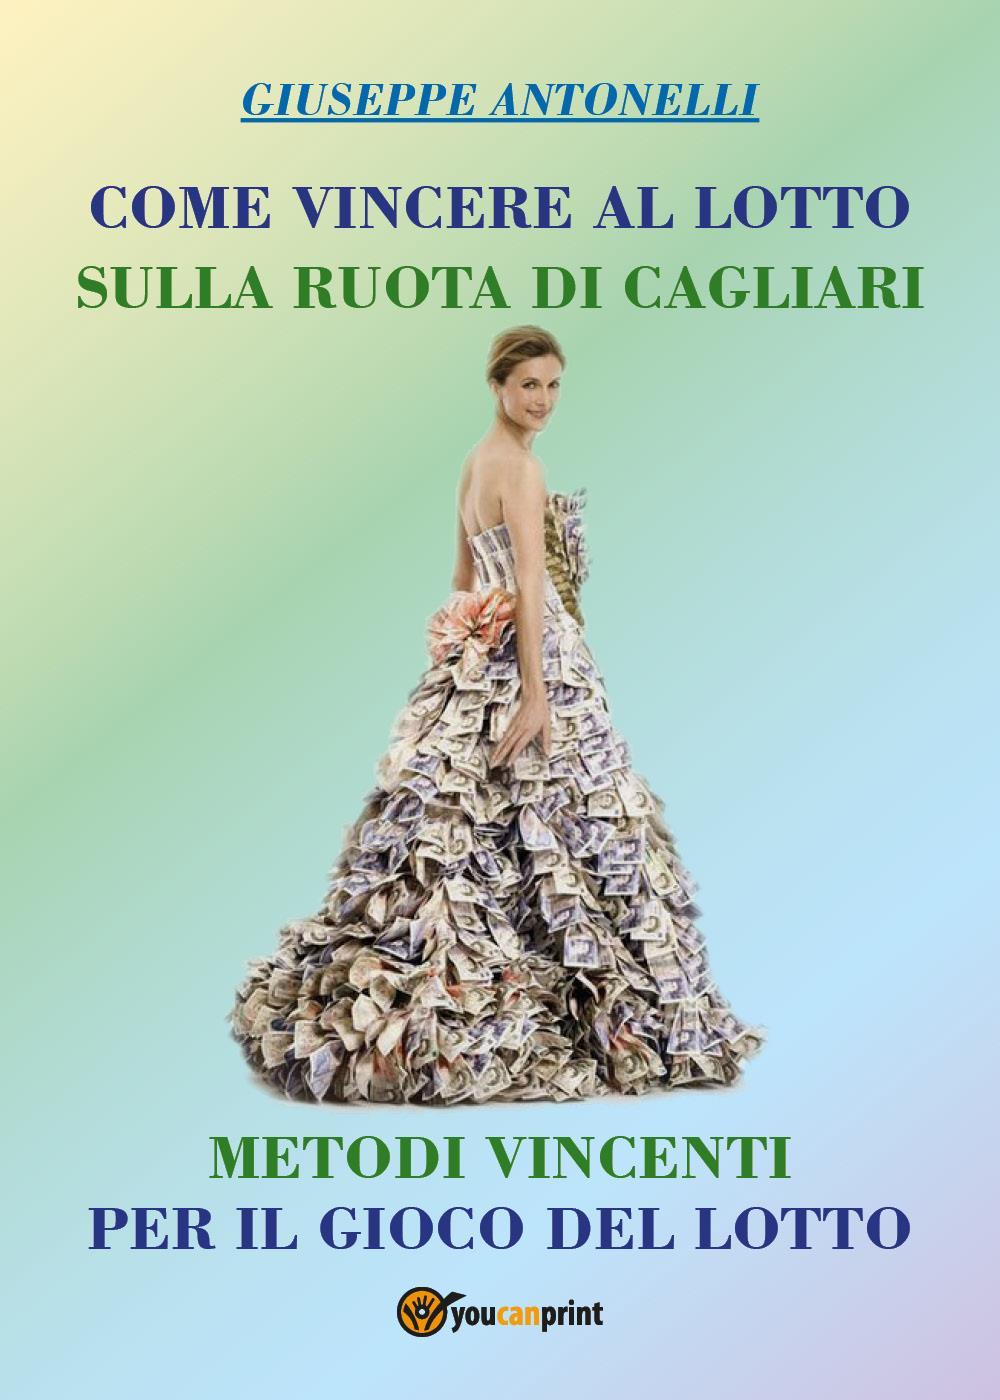 Come Vincere al Lotto sulla ruota di Cagliari